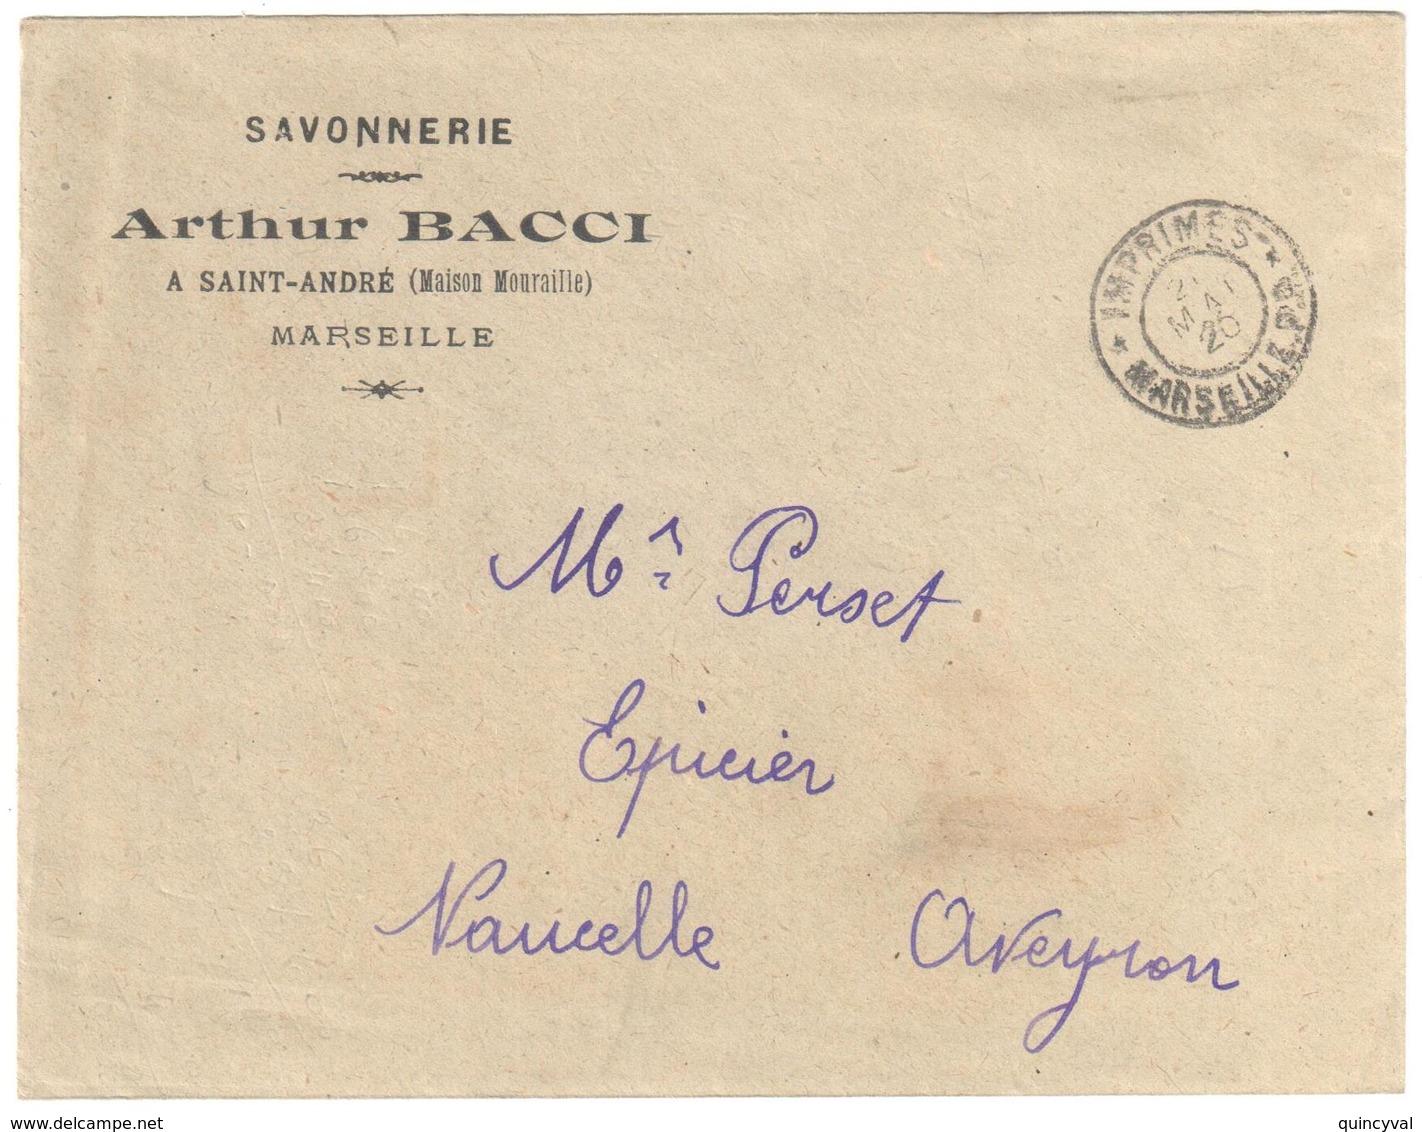 MARSEILLE PP IMPRIMES Lettre Entête Savonnerie BACCI Avec Courrier D'information Ob 21 Mai 1920 - Postmark Collection (Covers)